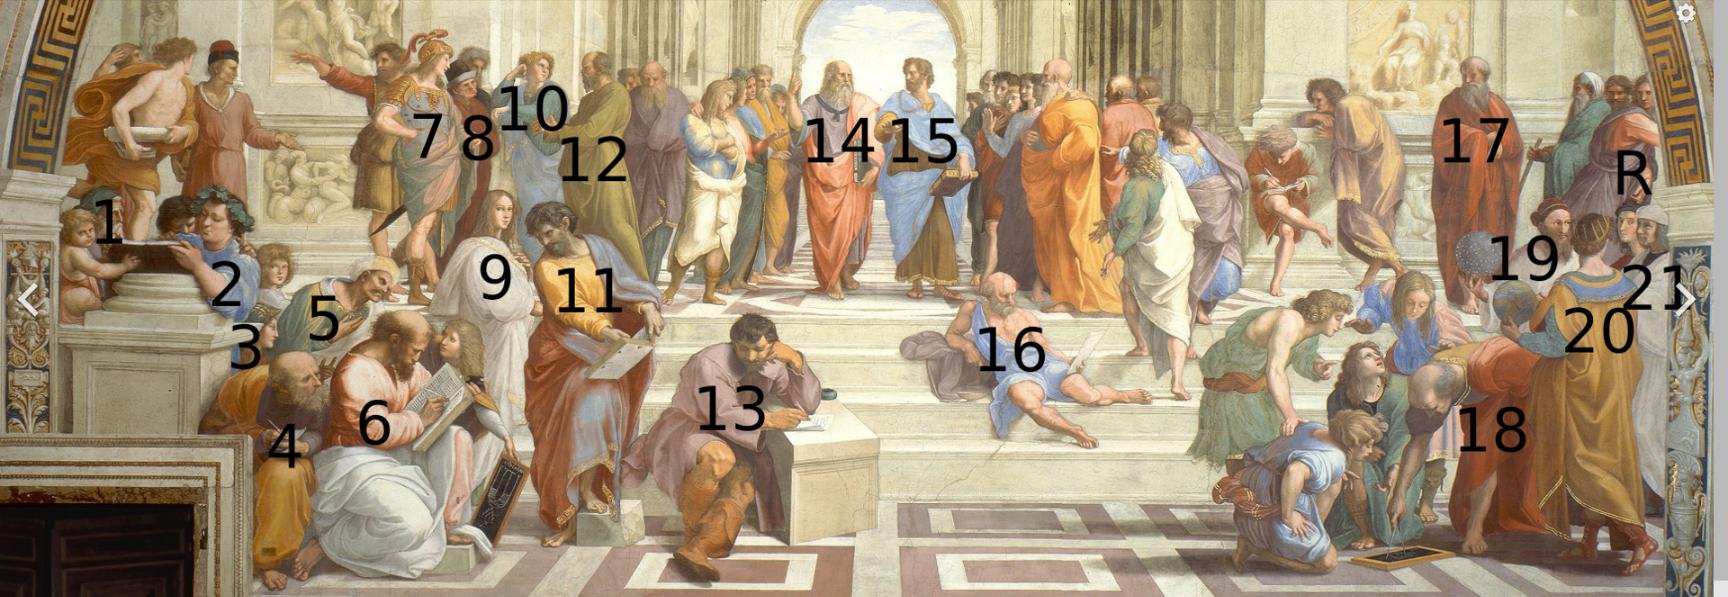 1: Zeno of Citium[15] 2: Epicurus[15] 3: unknown[16] 4: Boethius[15] or Anaximander[15] 5: Averroes[15] 6: Pythagoras[15][11] 7: Alcibiades[15] or Alexander the Great[15] or Pericles[17] 8: Antisthenes[15] or Xenophon[15] 9: unknown[16][18] or Fornarina as a personification of Love[19] (Francesco Maria della Rovere?)[14] 10: Aeschines[15] 11: Parmenides[14] or Nicomachus[14] 12: Socrates[15] or Anaxagoras[17] 13: Heraclitus[14] (Michelangelo?)[14] 14: Plato[14] (Leonardo da Vinci?)[14] 15: Aristotle[14] (Giuliano da Sangallo?)[20] 16: Diogenes of Sinope[14] or Socrates[17] 17: Plotinus?[14] 18: Euclid[14] or Archimedes[14] (Bramante?)[14] 19: Strabo[14] or Zoroaster?[14] (Baldassare Castiglione?)[14] 20: Ptolemy[14] R: Apelles[14] (Raphael)[14] 21: Protogenes[14] (Il Sodoma[14] or Timoteo Viti[21])